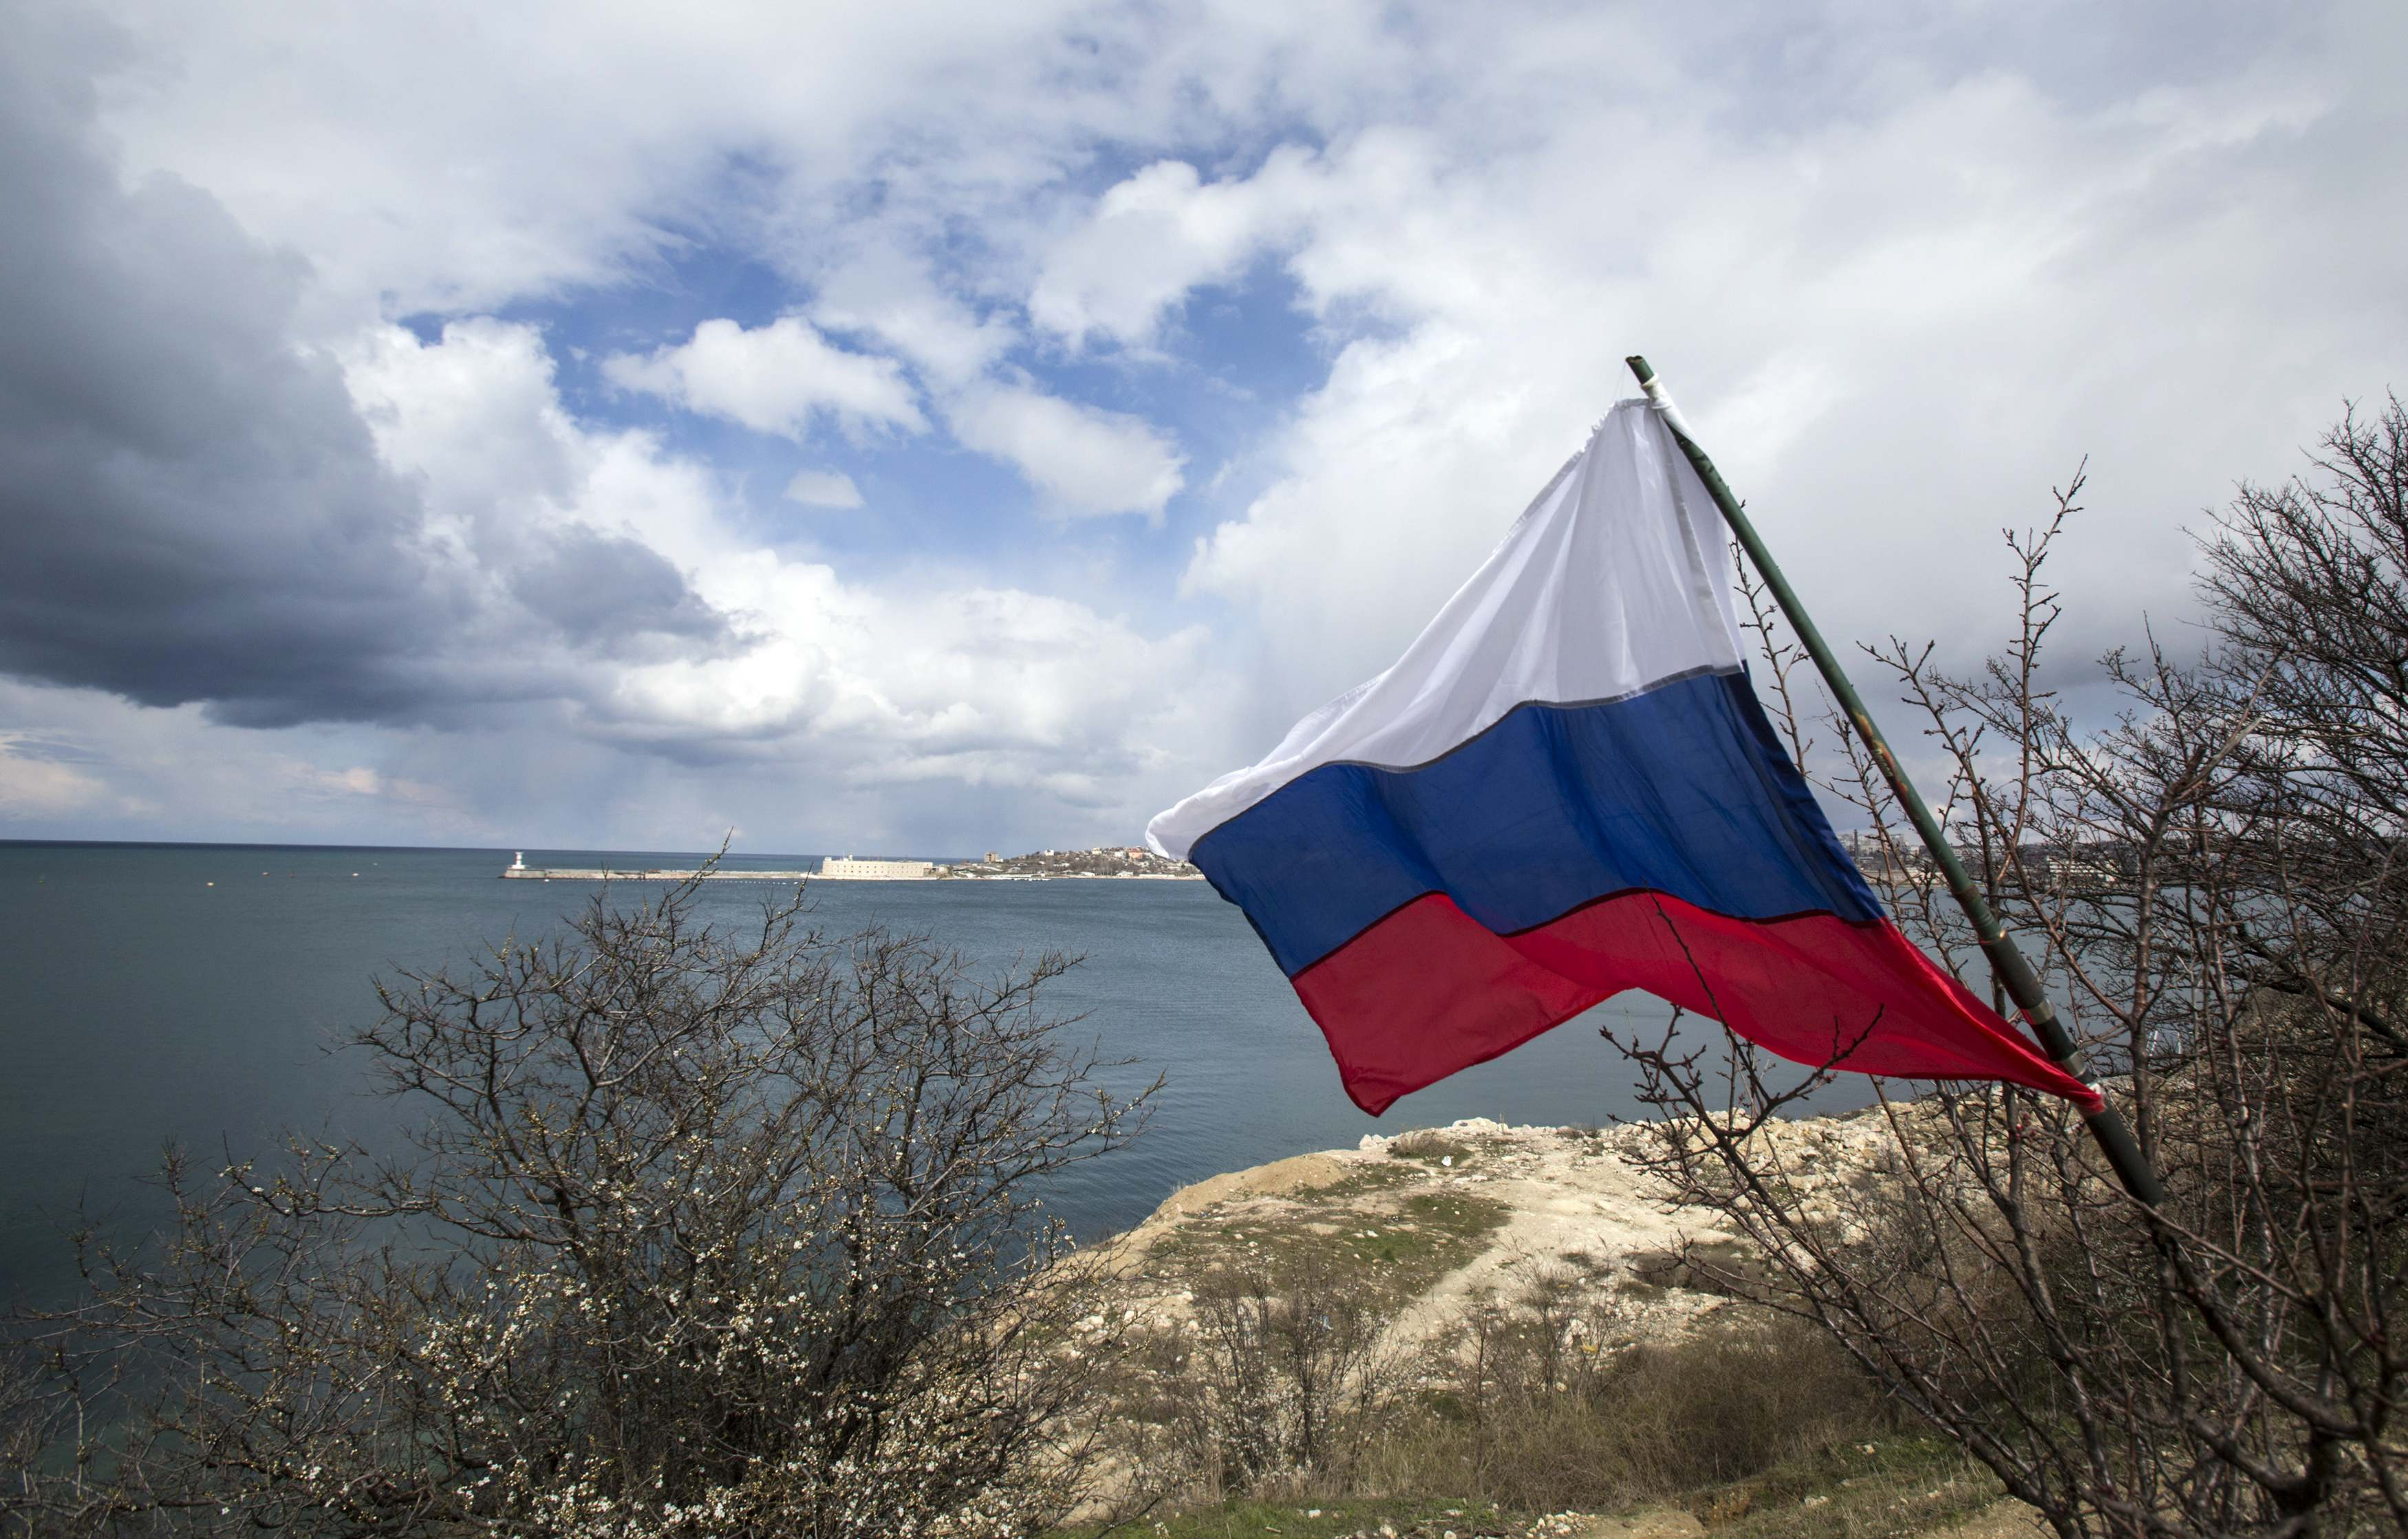 АТО на Донбассе - РФ приставила к виску Украины ствол и требует выполнить ее условия, полагает ветеран АТО